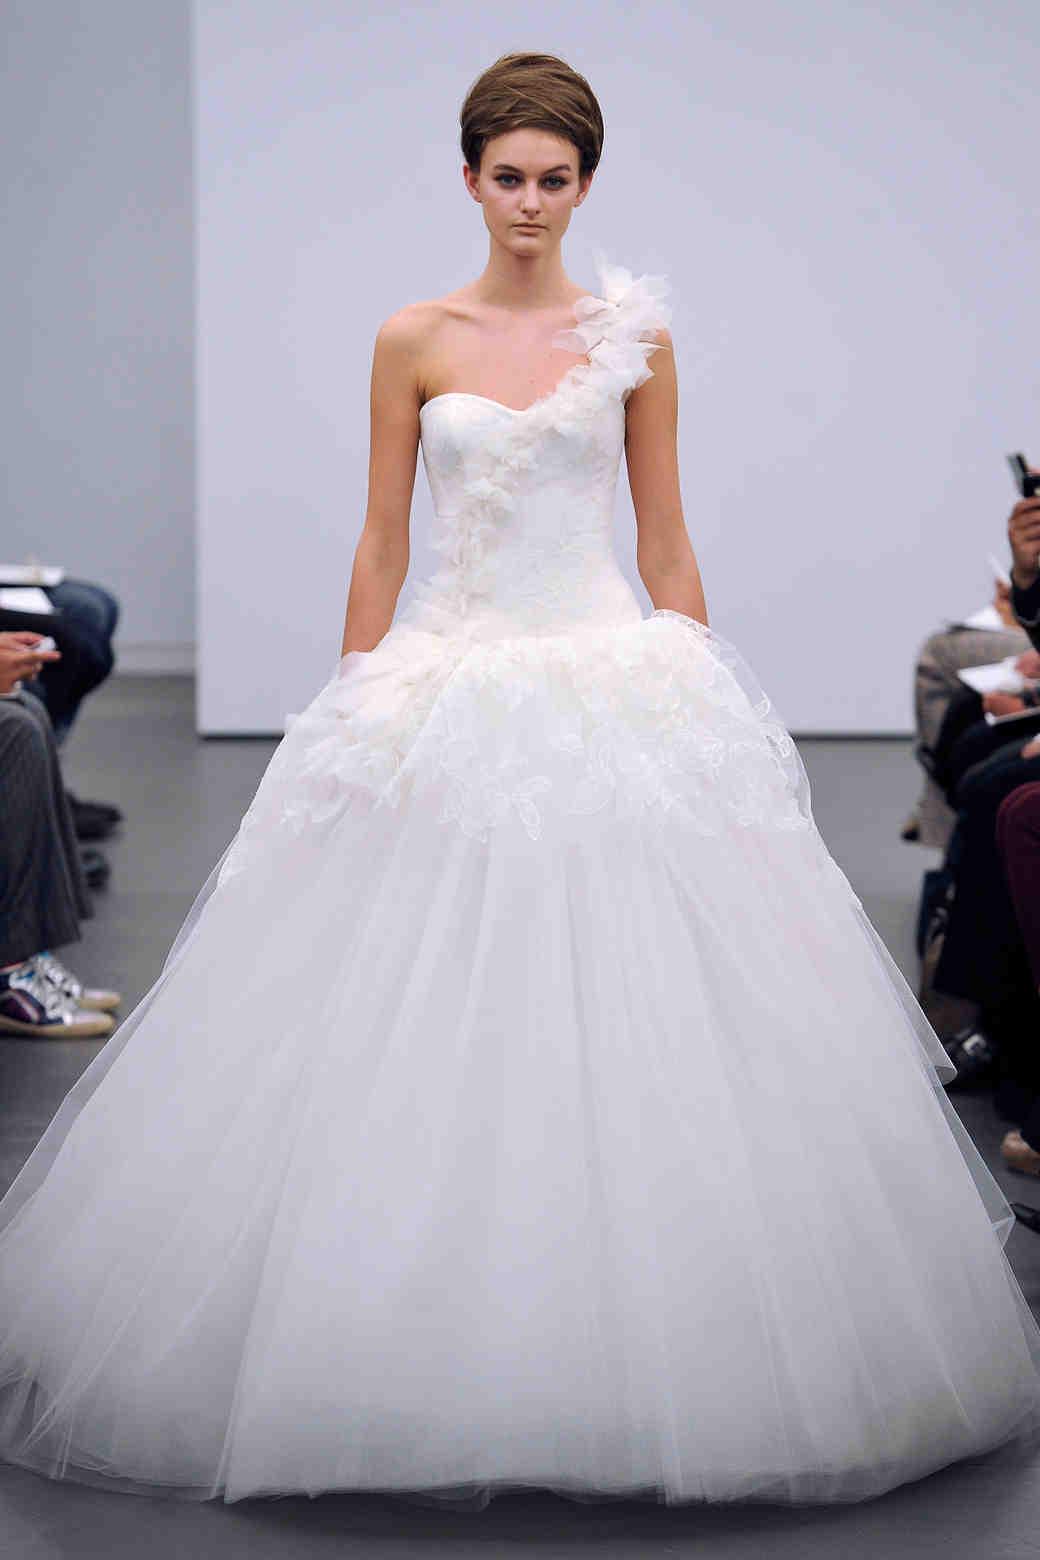 One-Shoulder Wedding Dresses, Fall 2013 | Martha Stewart Weddings